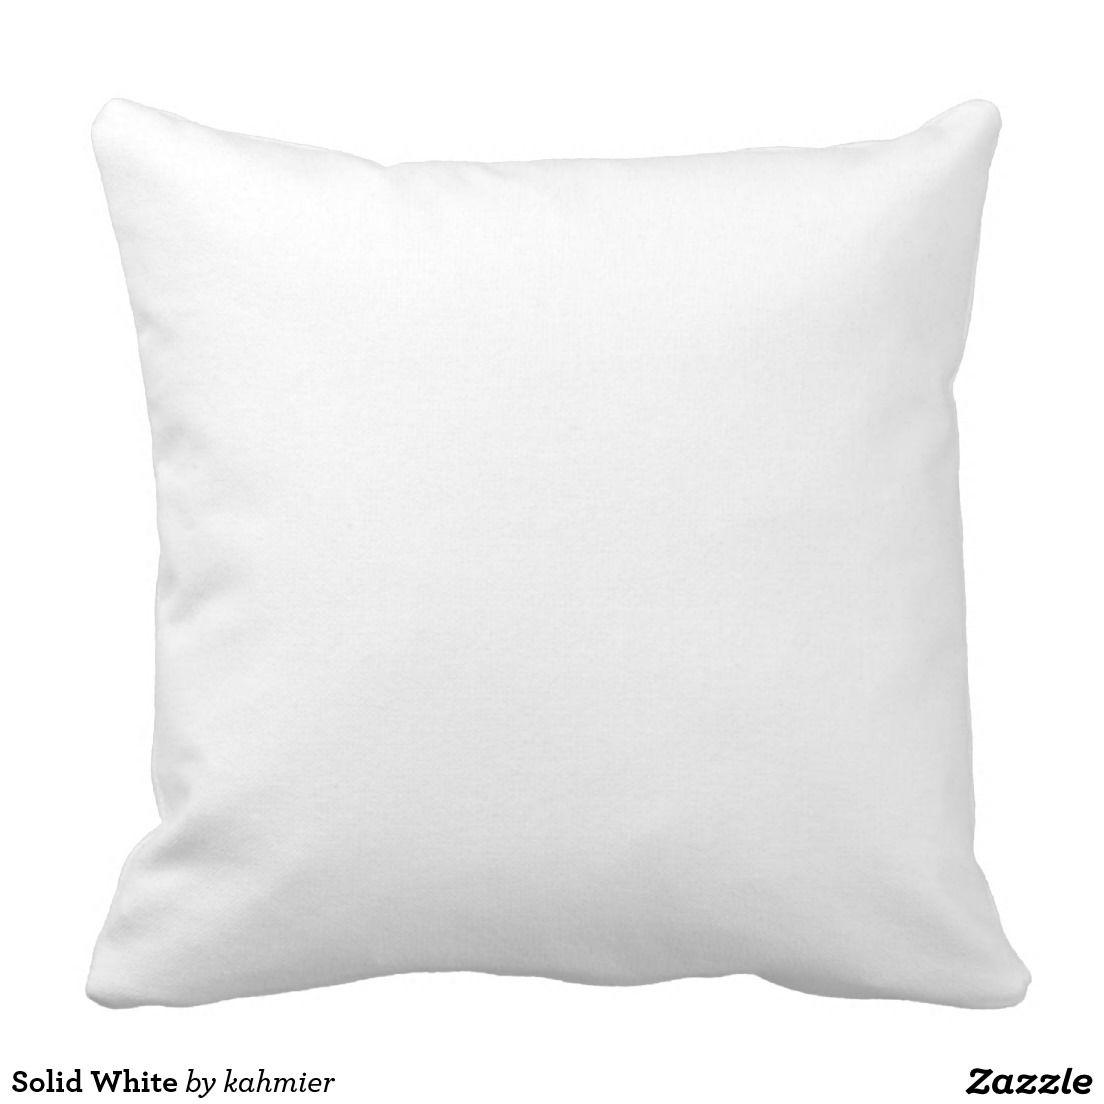 Plain White Throw Pillow Zazzle Com White Throw Pillows Plain White Throw Pillows Throw Pillows